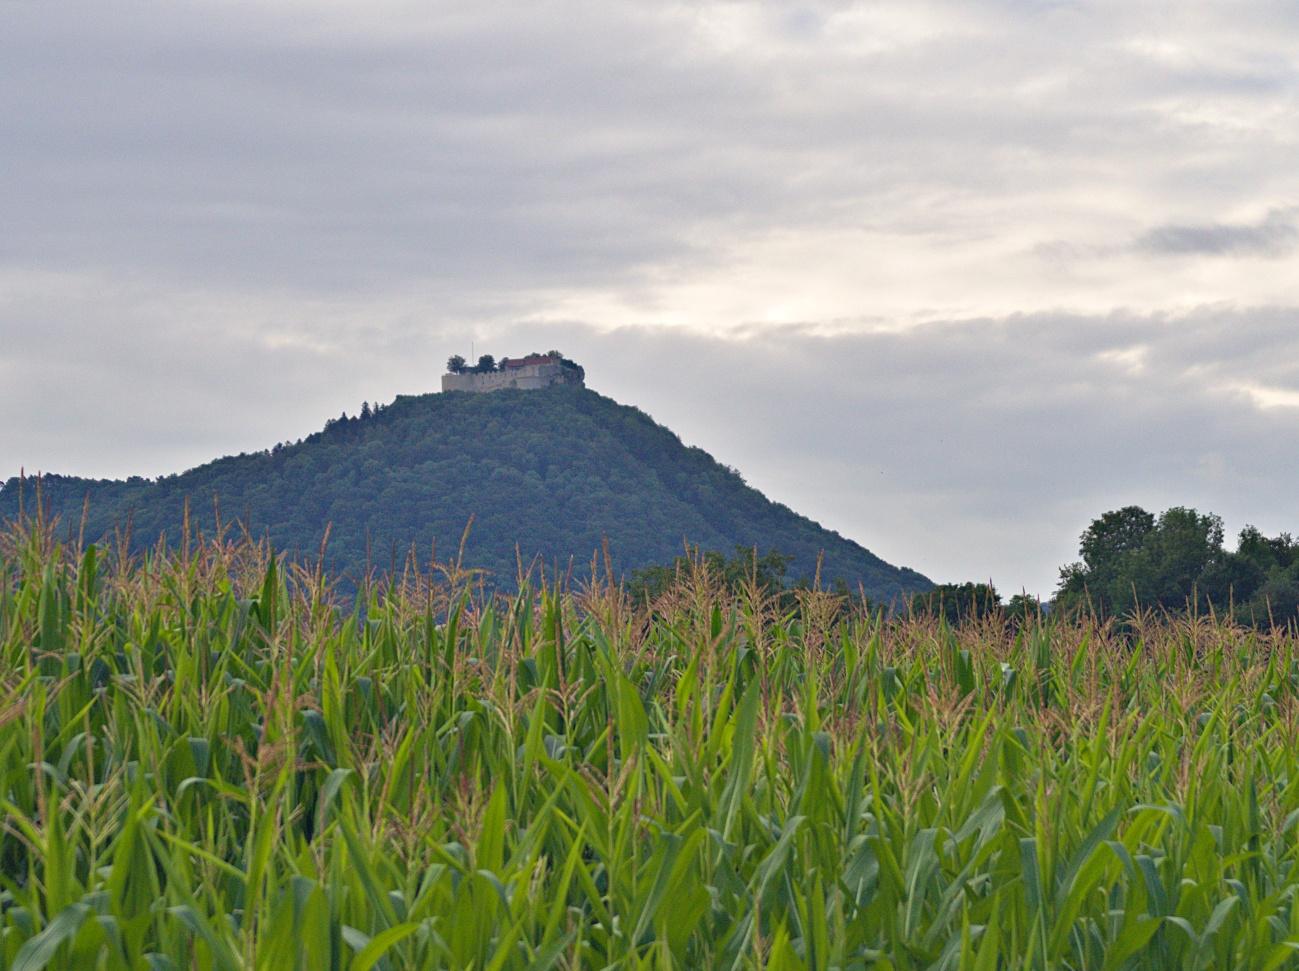 Zum Tagesabschluss — Hohen Neuffen mit Mais unterlegt